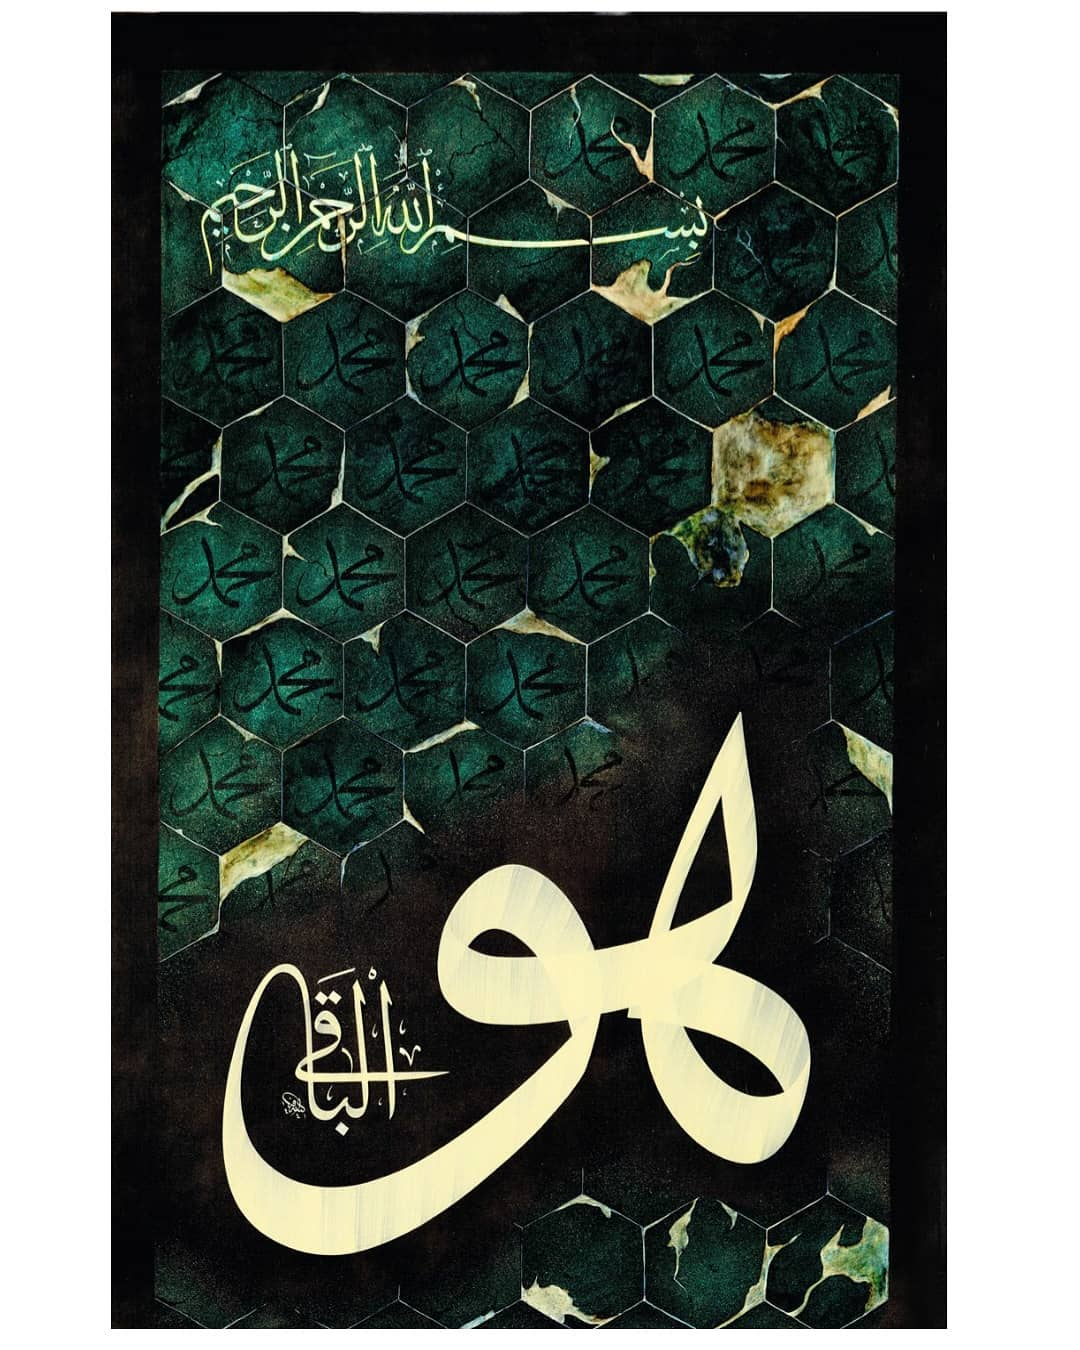 """Donwload Photo """"Ümmetin Hali"""" Sâhib Ata Fahreddin Ali anısına… Besmele-i Şerif, İsm-i Nebî,…- Zembil Sanat"""